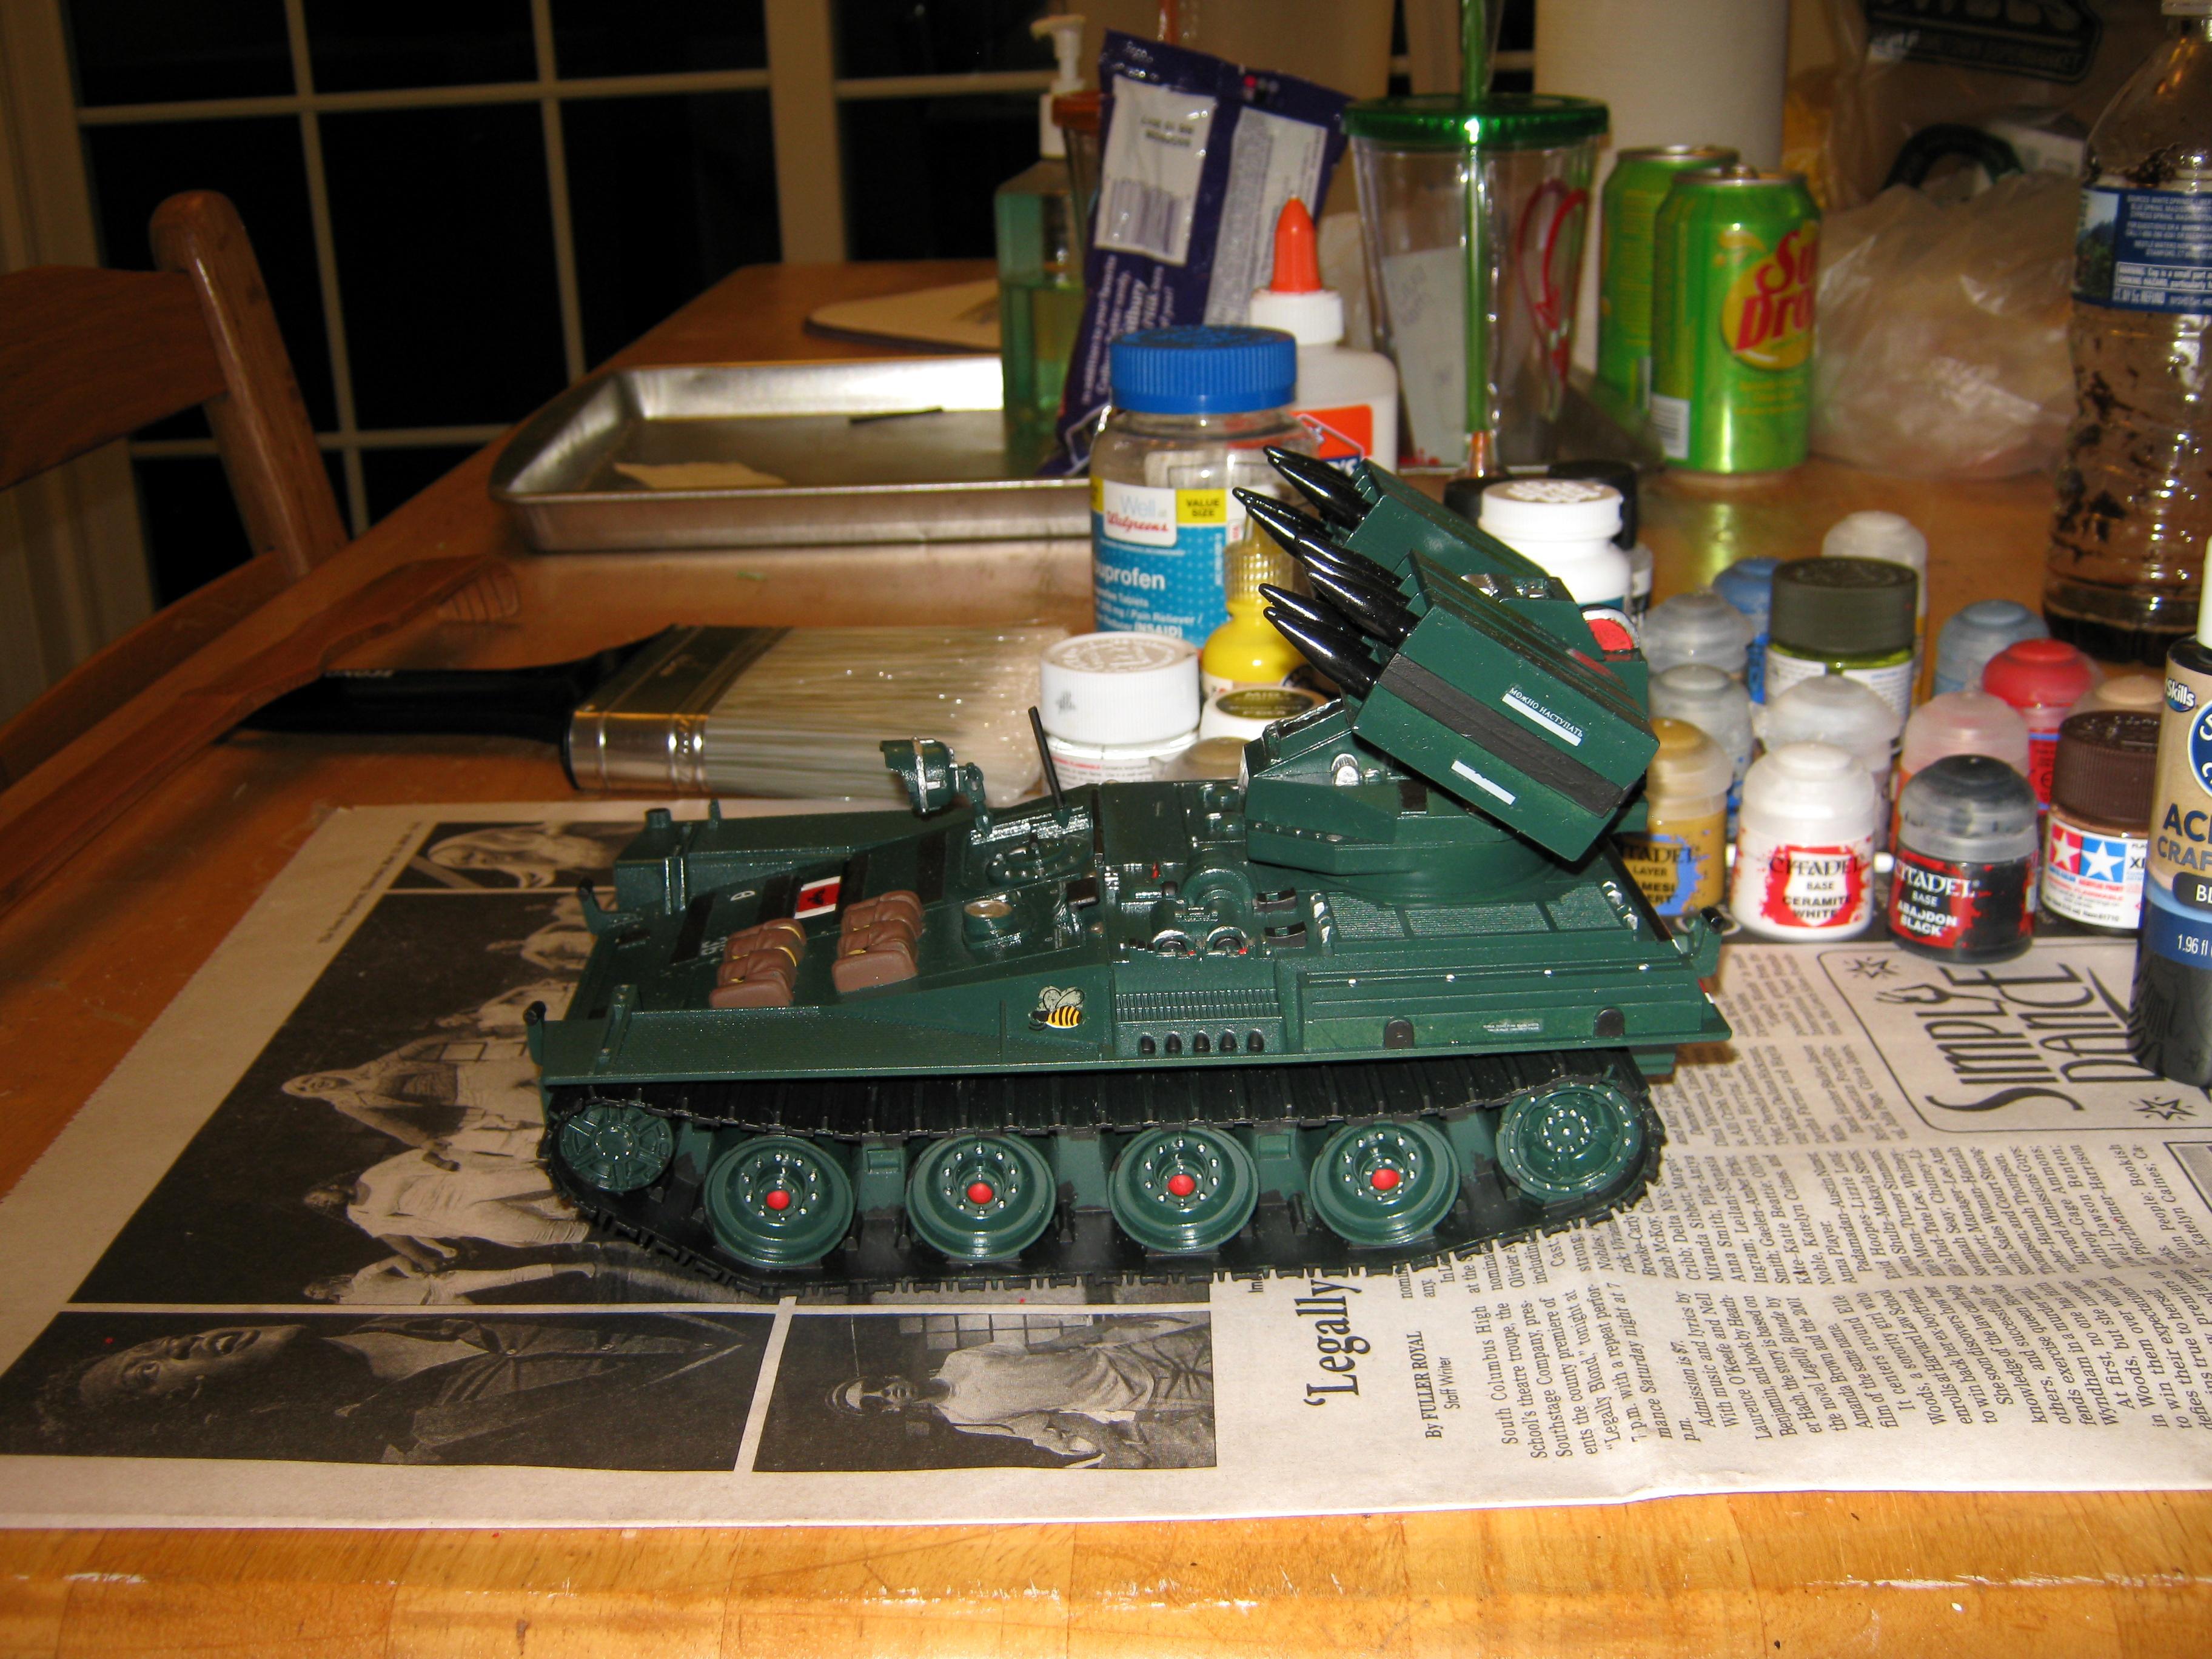 Afv, Artillery, Conversion, G i  Joe, Imperial, Missile